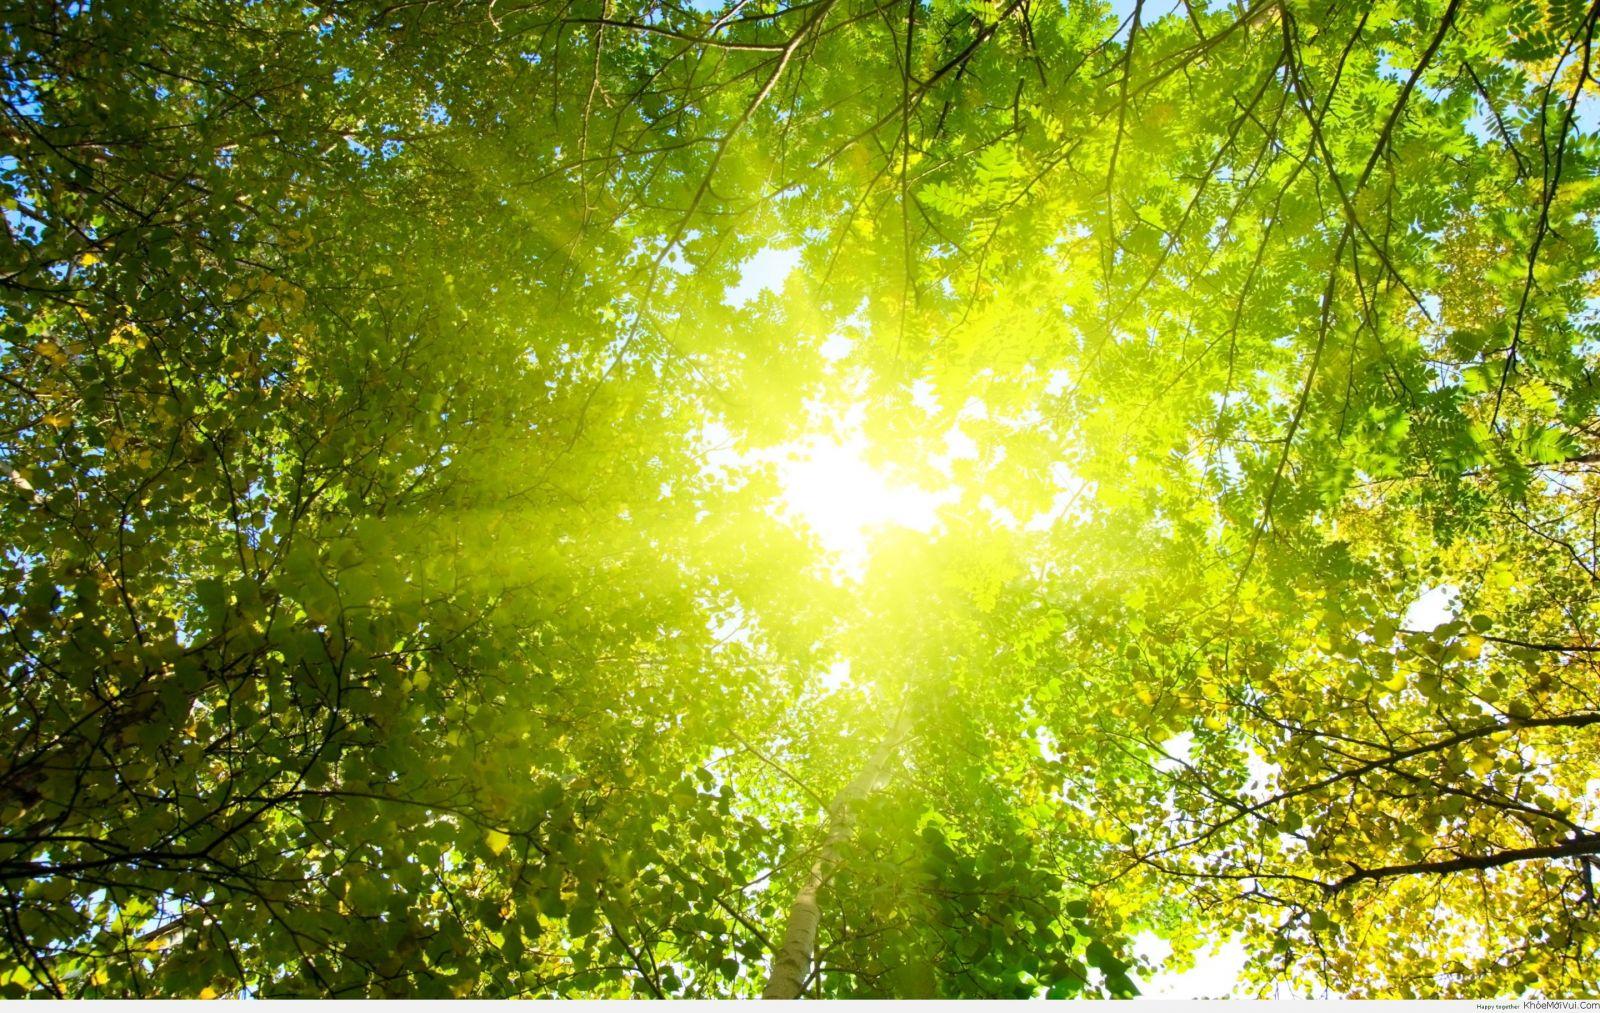 Hình ảnh nắng đi qua kẽ lá cây